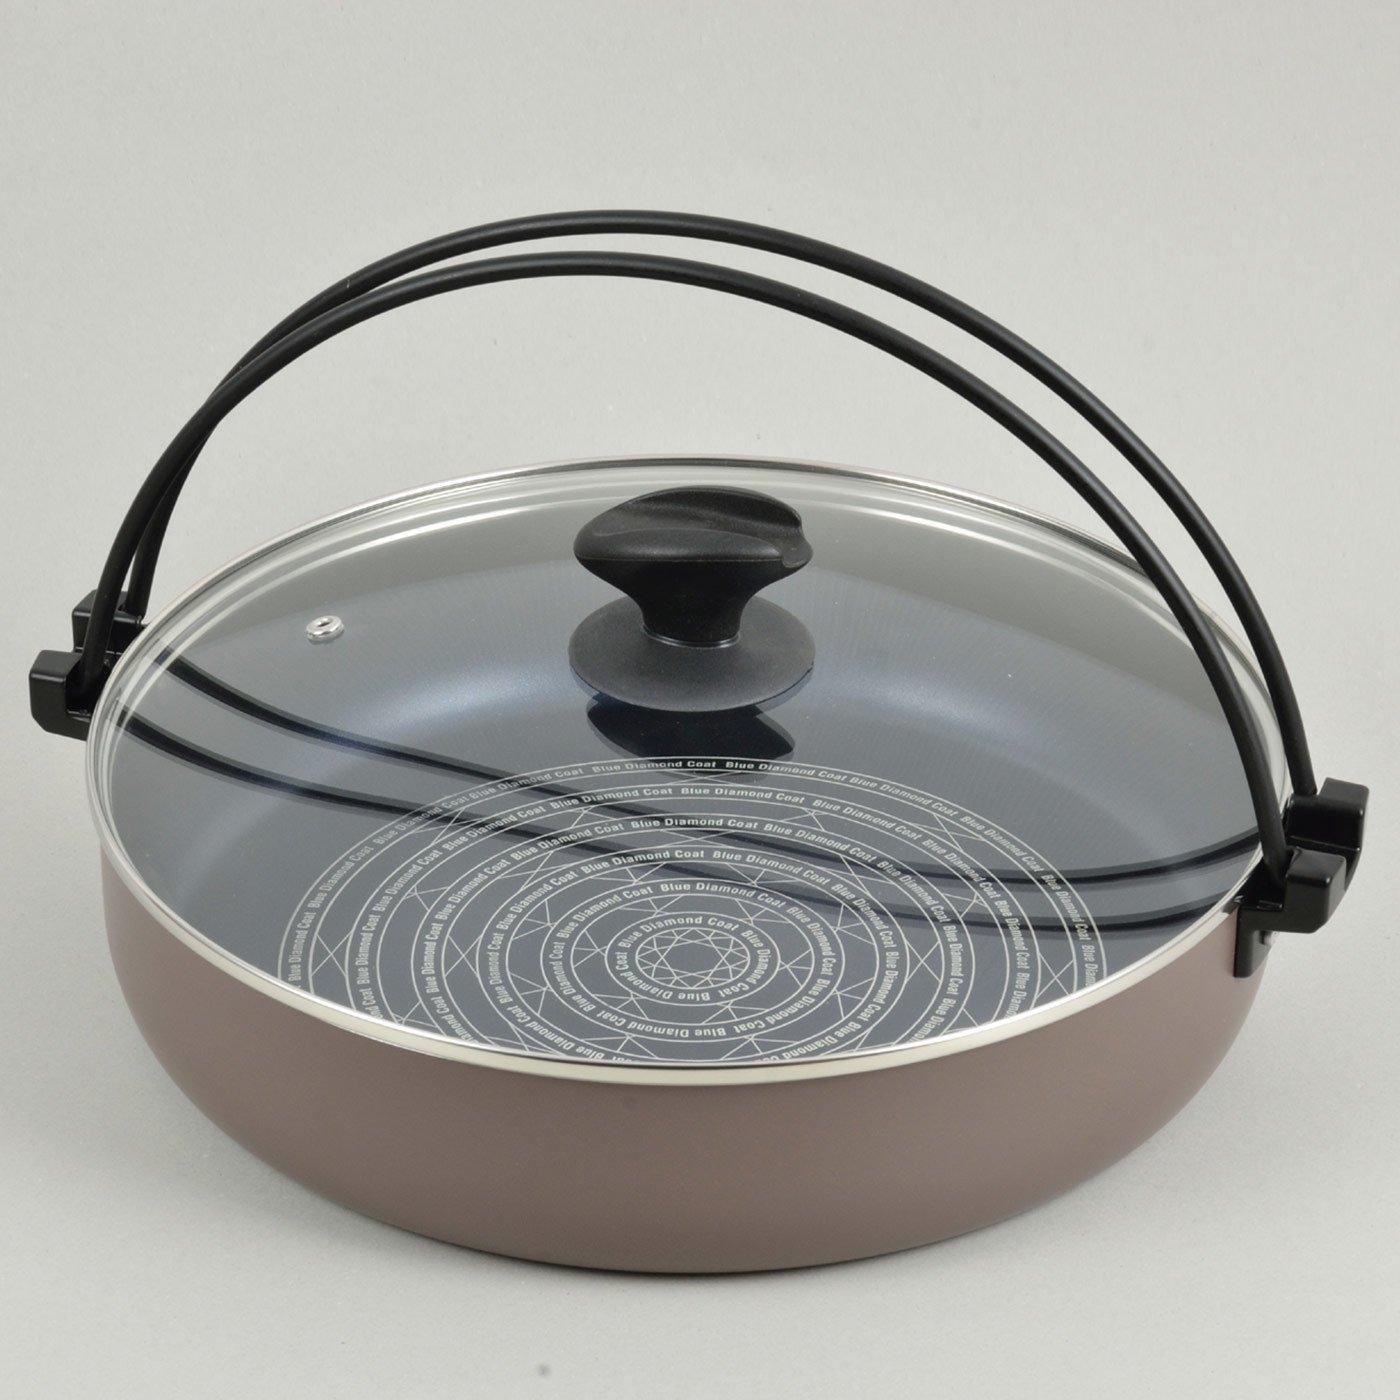 ガス火でもIHでも使える ガラスぶたのすきやき鍋〈30cm〉